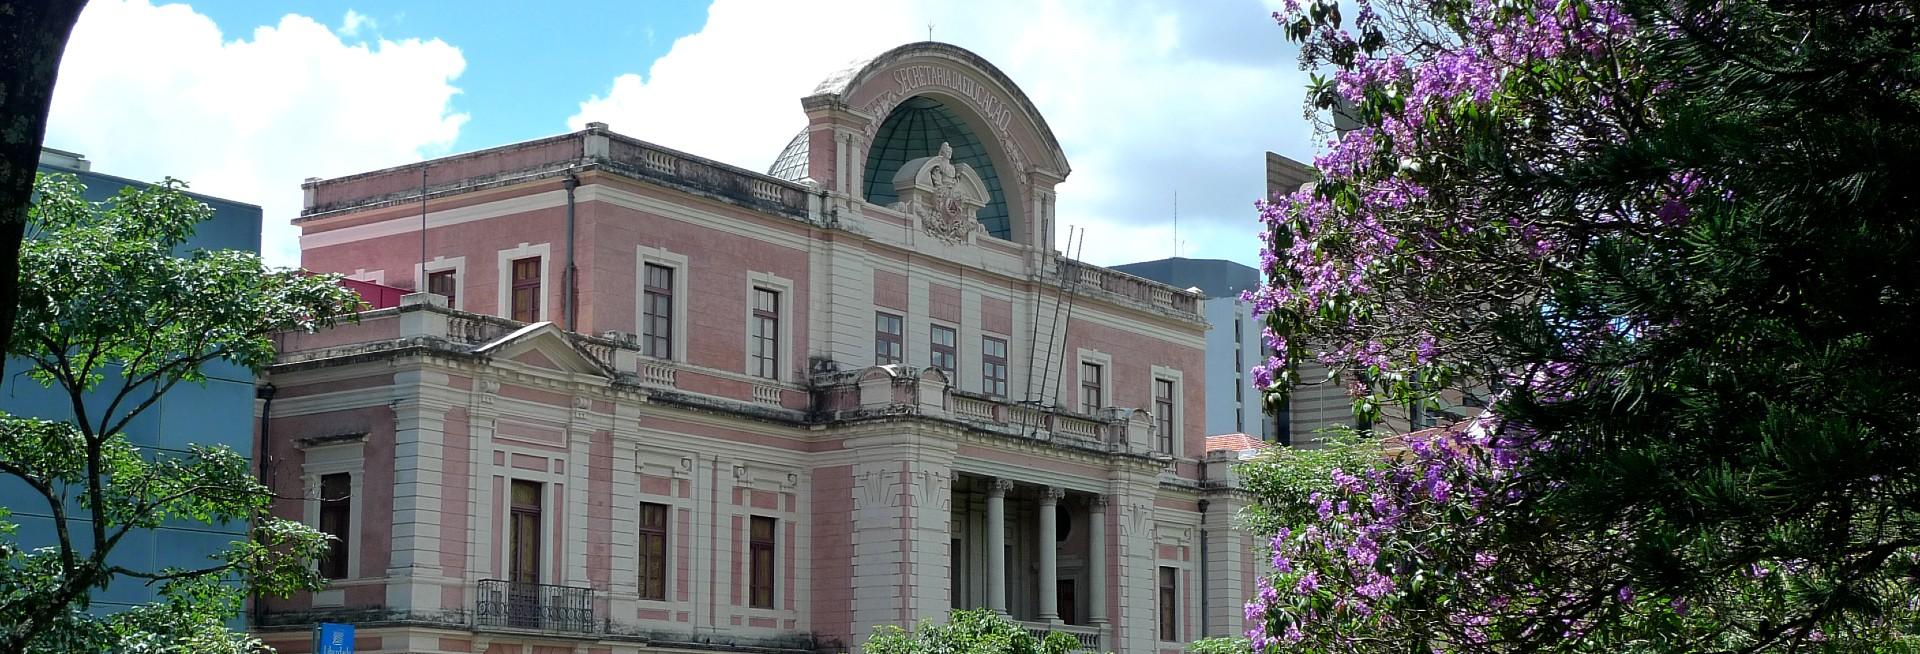 Primavera de Museus traz atrações culturais para Minas